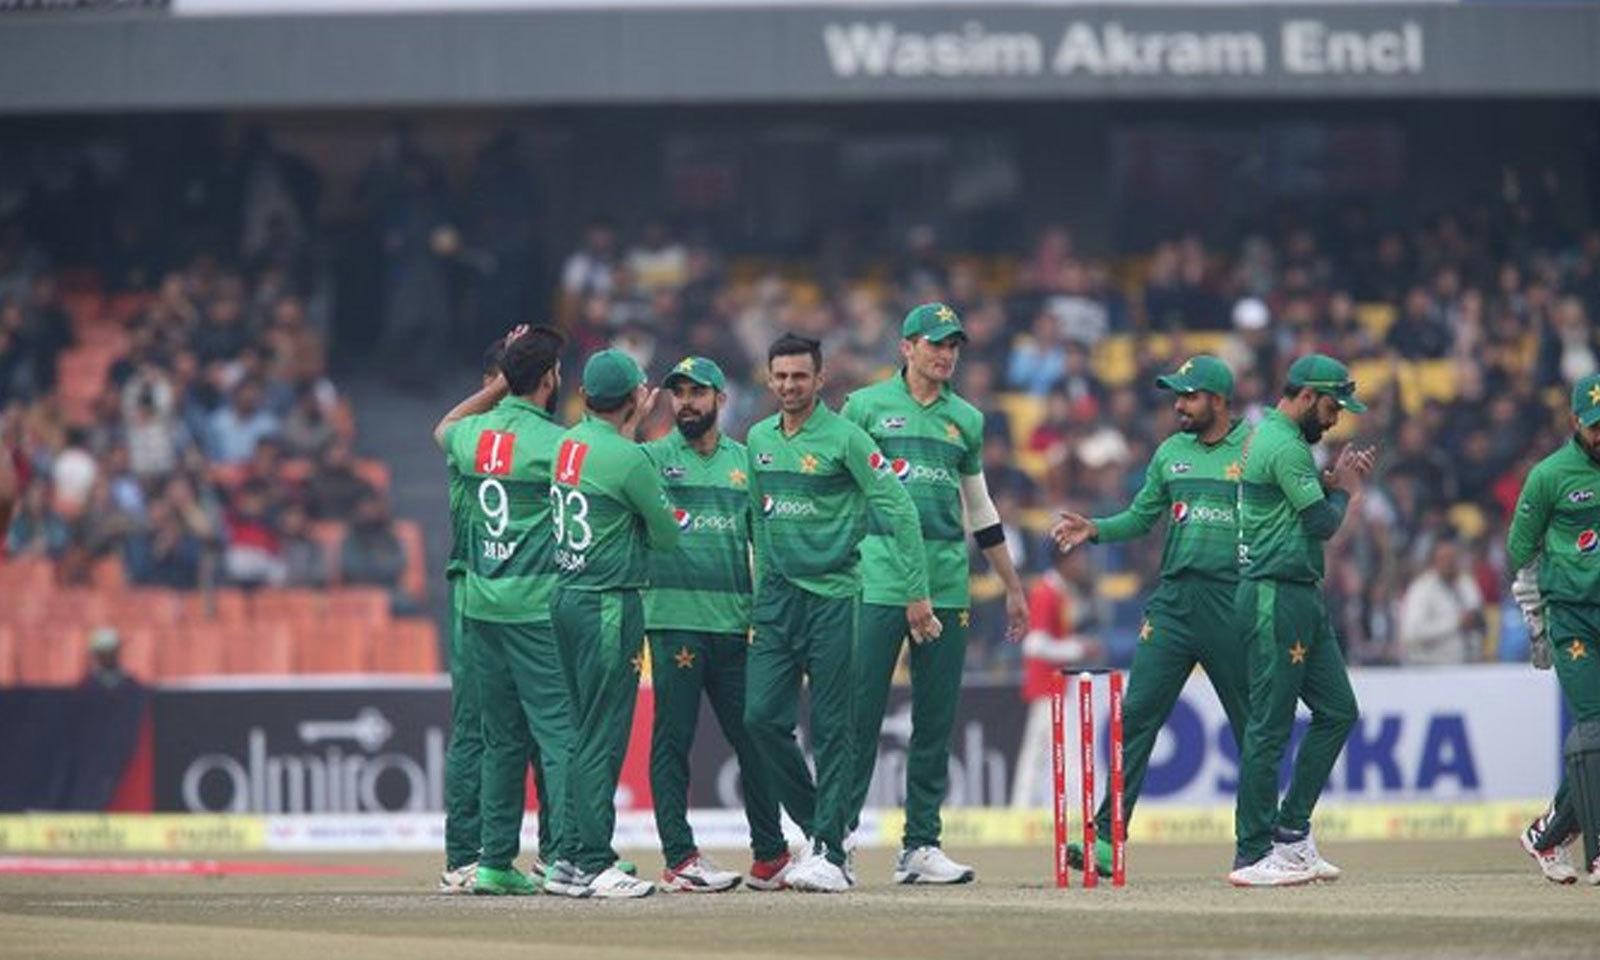 پاکستان کے باؤلرز نے اچھی کارکردگی کا مظاہرہ کیا—فوٹو:پی سی بی ٹویٹر